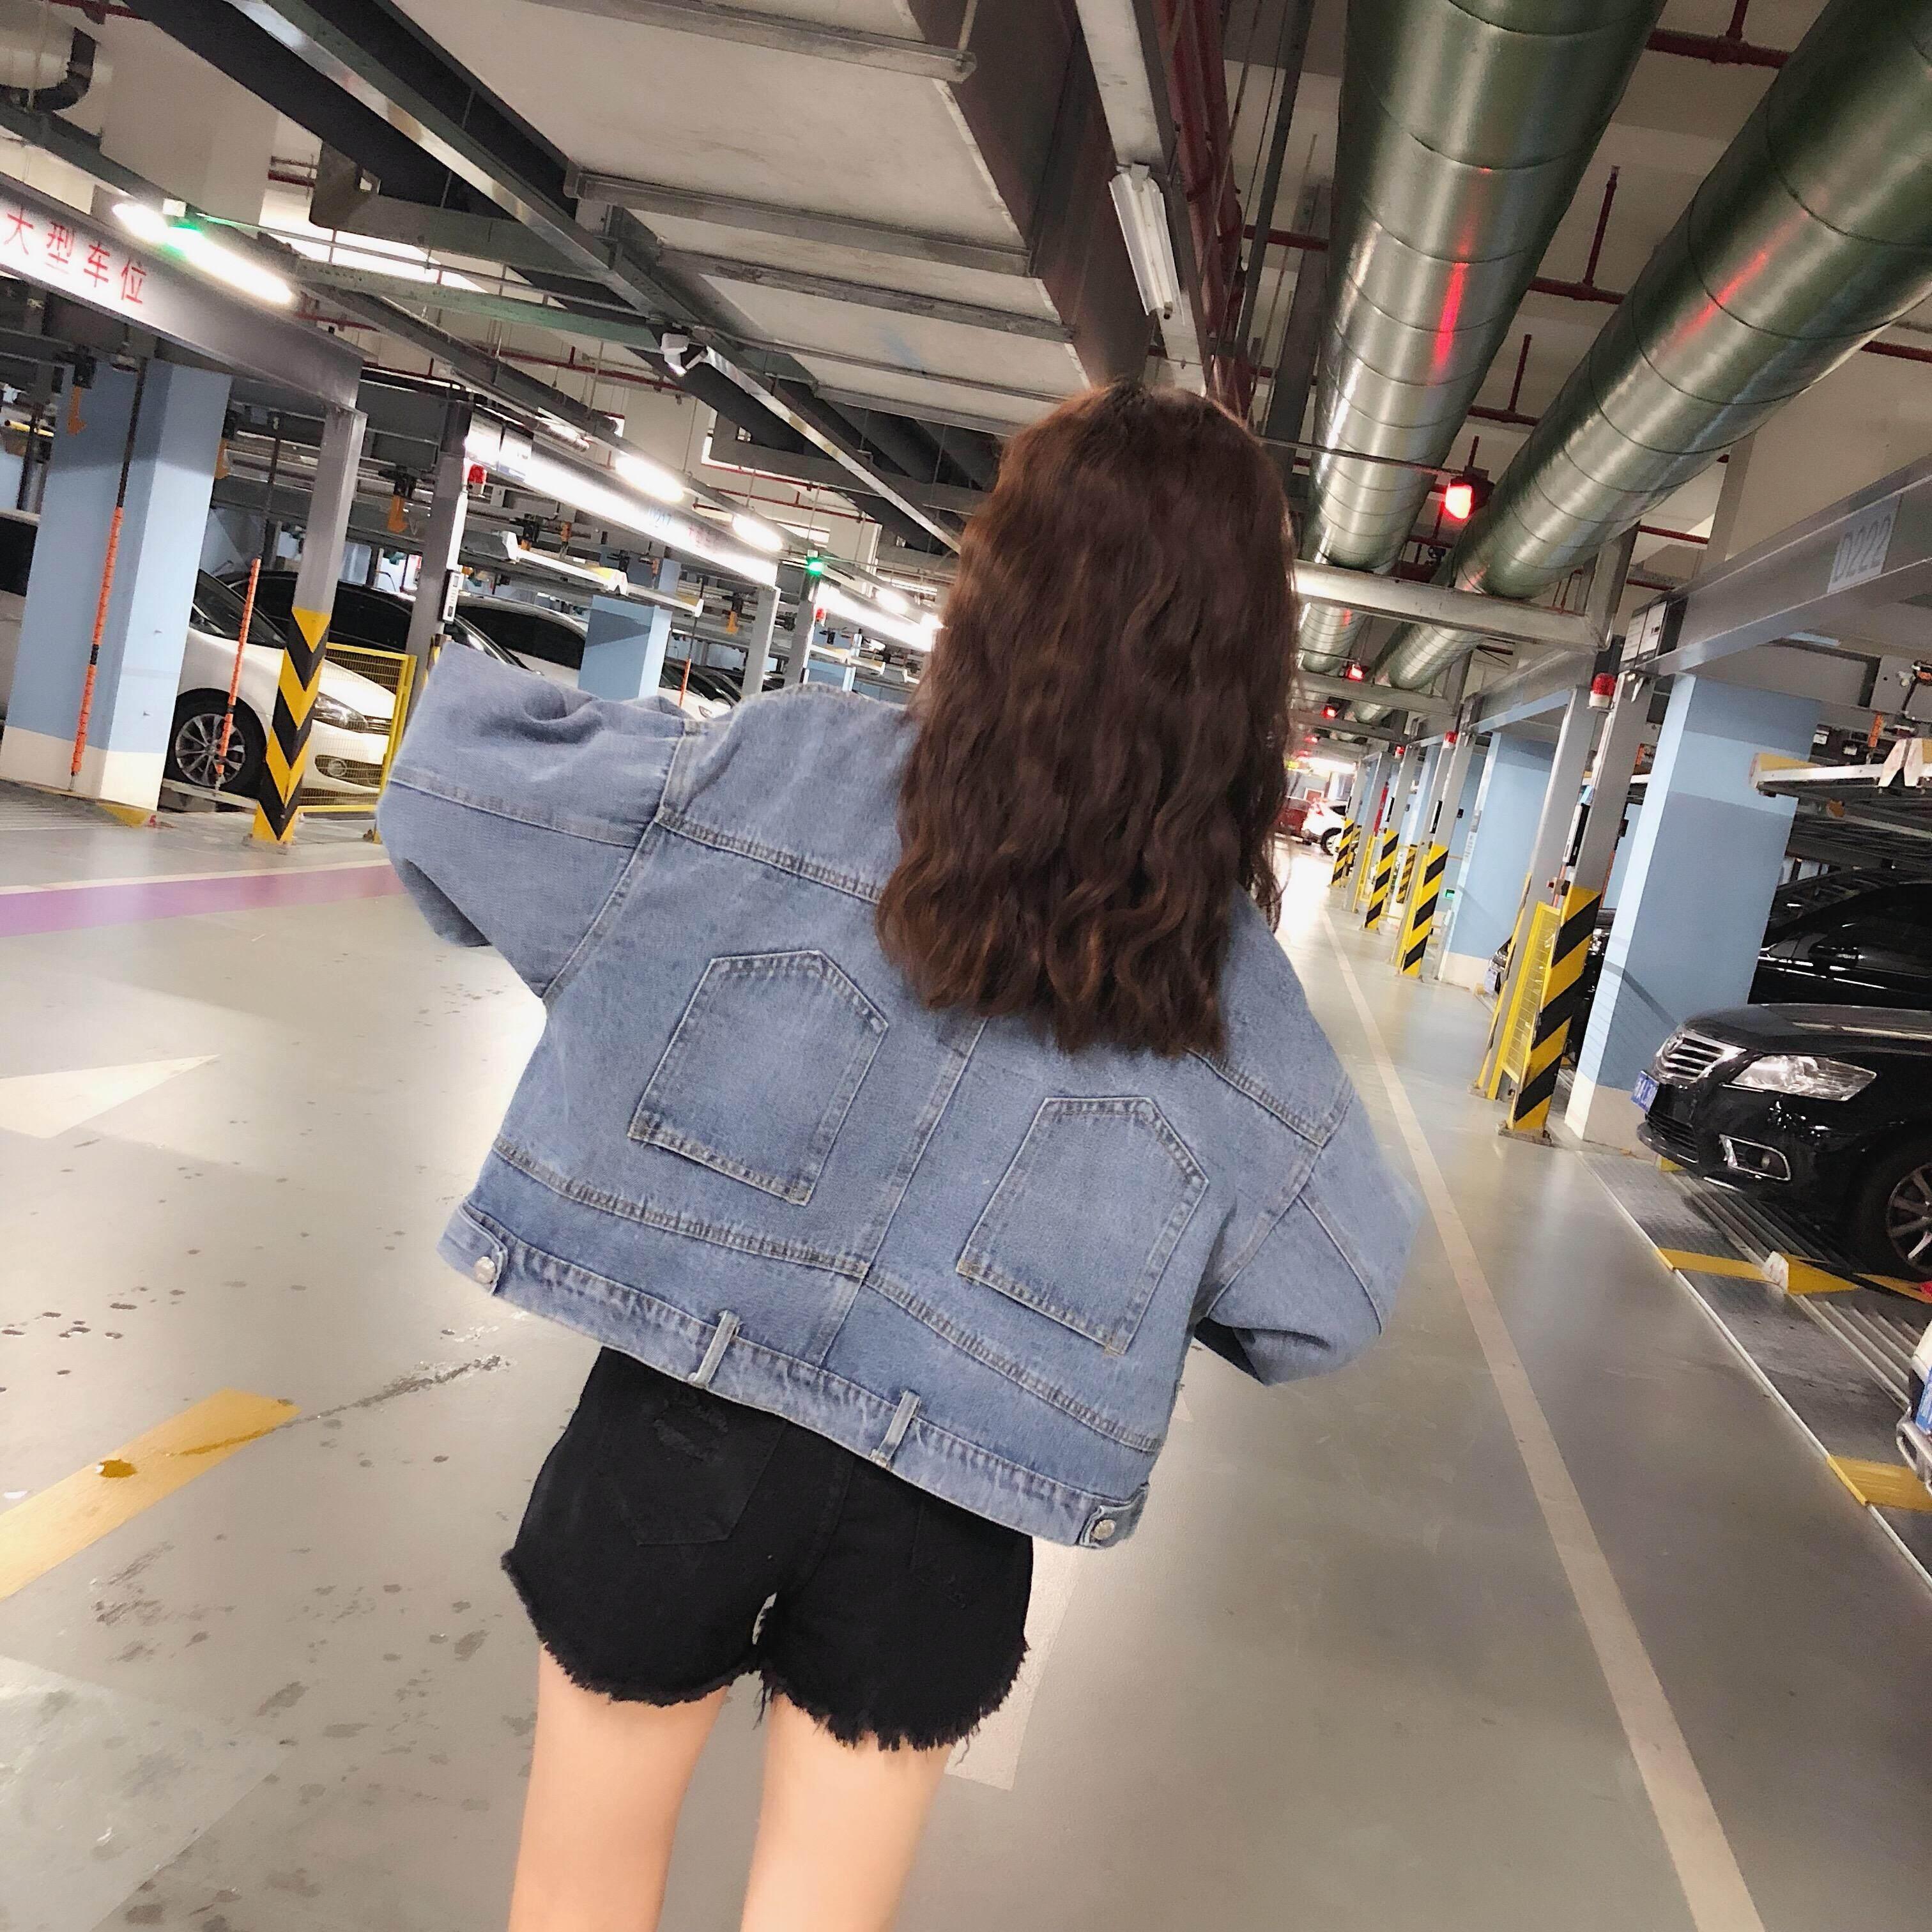 Musim Gugur Baju Wanita Versi Korea Retro Saku Lengan Panjang Kerah  Turndown Longgar Baju Denim Model 57fc9bfebb